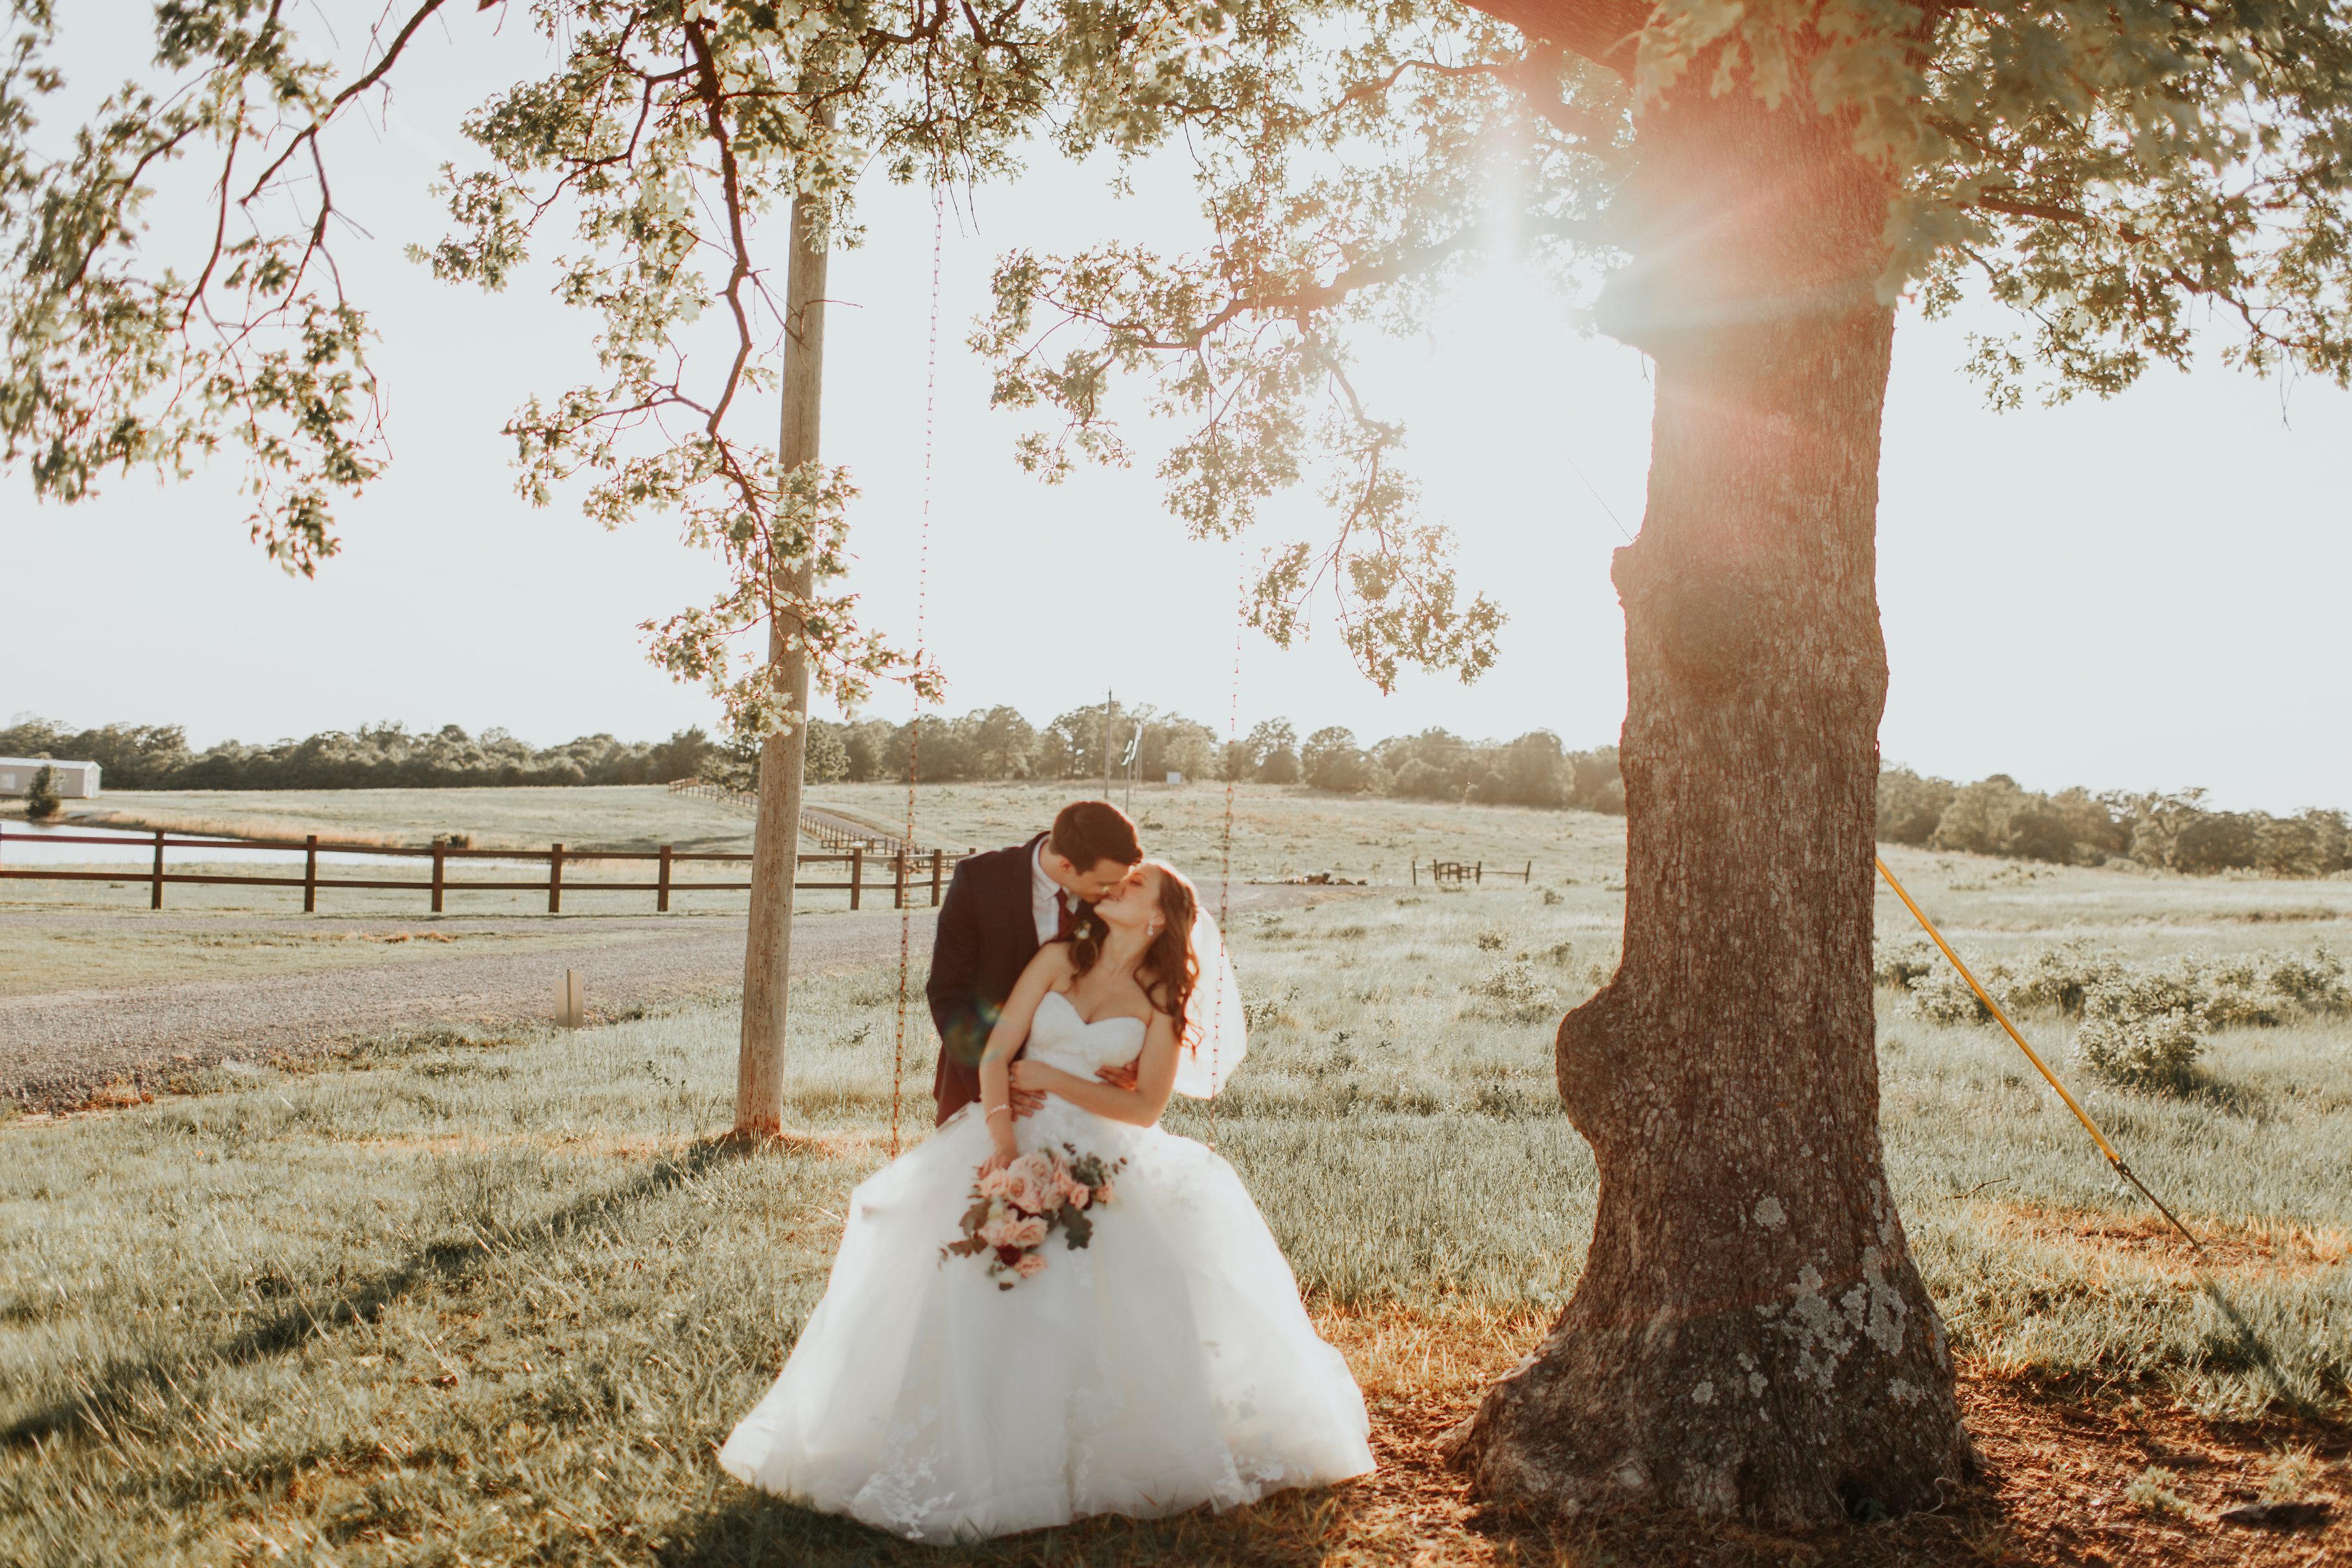 tulsa wedding venues 9427